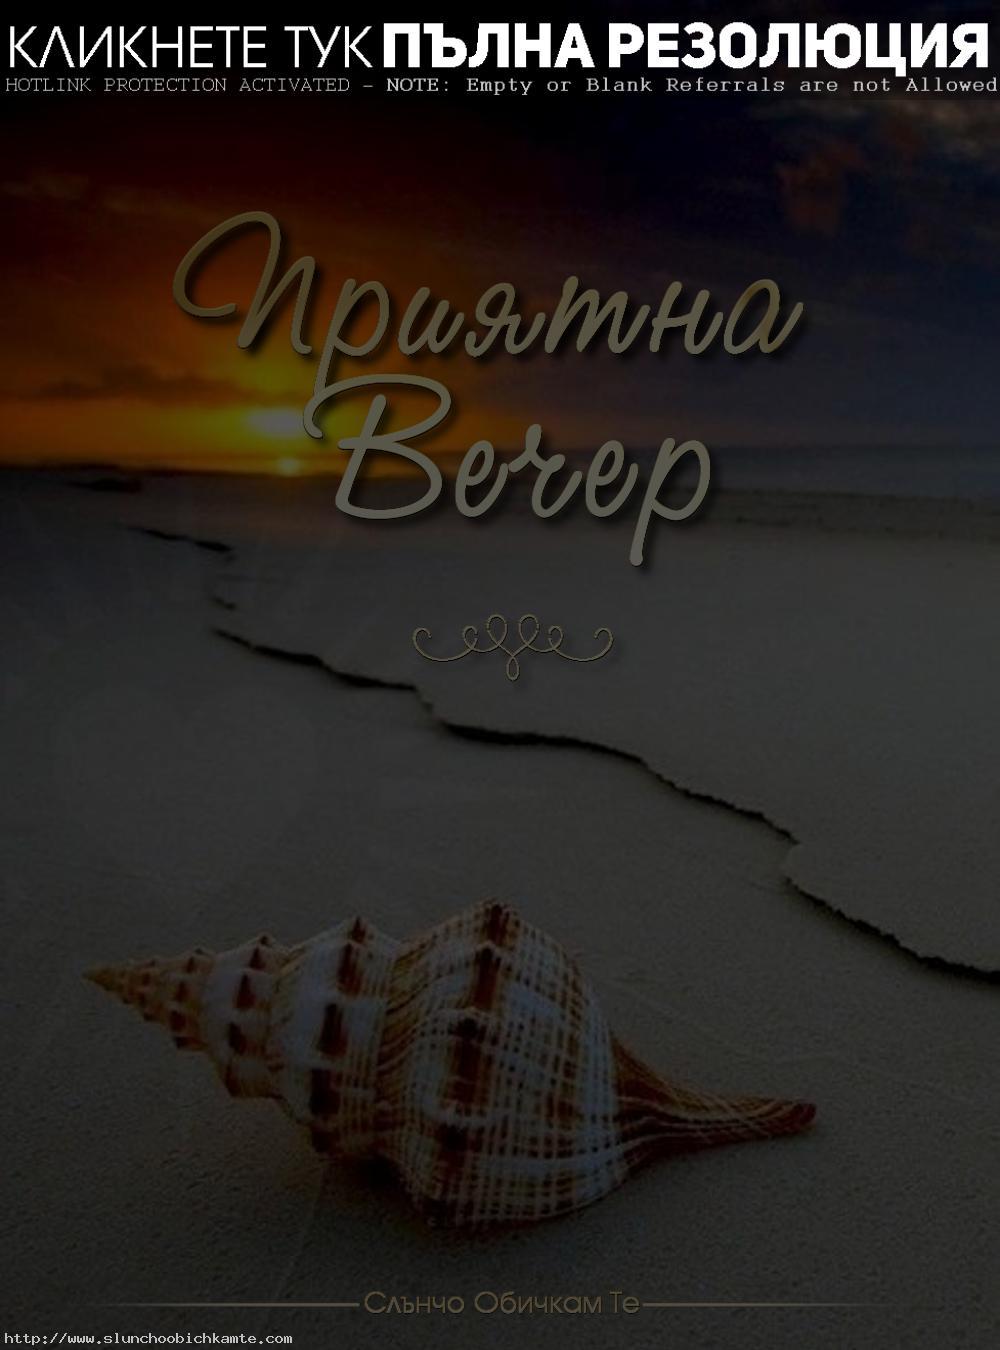 приятна вечер и щастливи мигове, плаж, море, ръпан, мида, пясък, залез, пожелания за вечер, приятни мигове, щастлива вечер, пълна с емоции